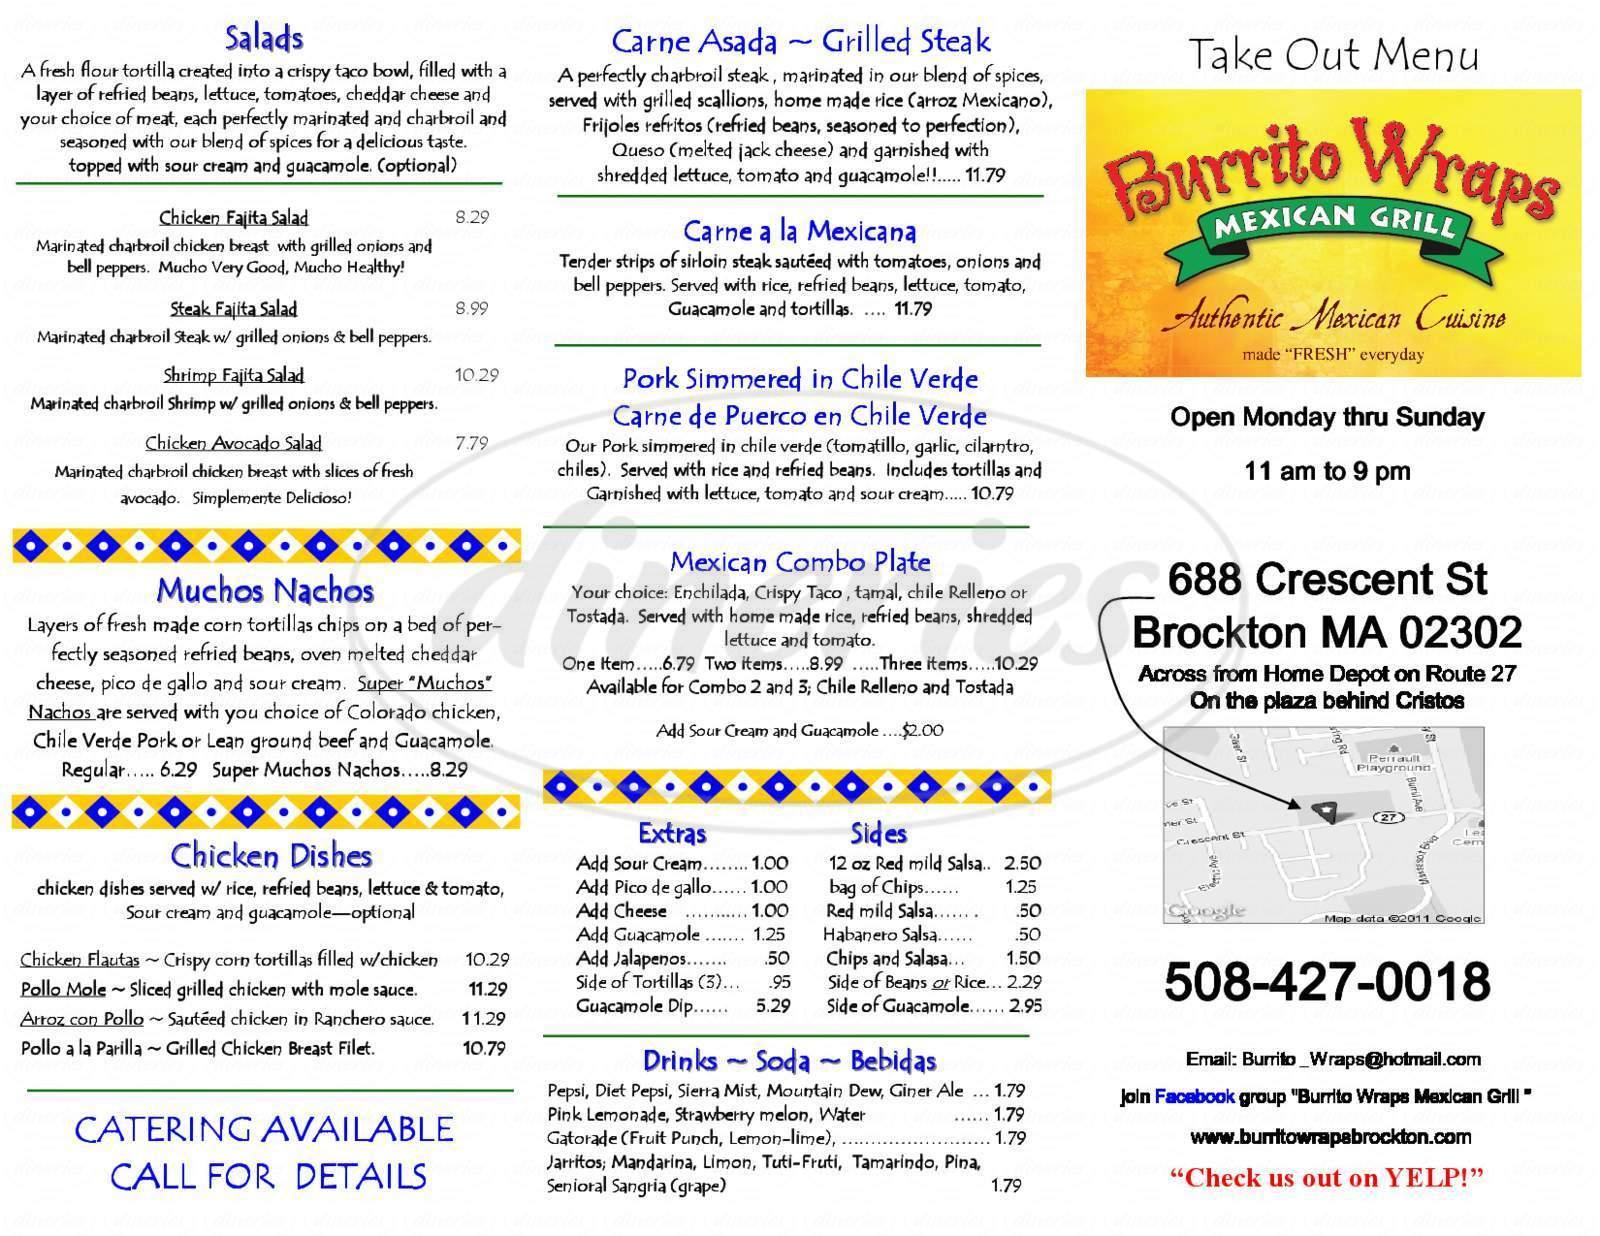 menu for Burrito Wraps Mexican Grill